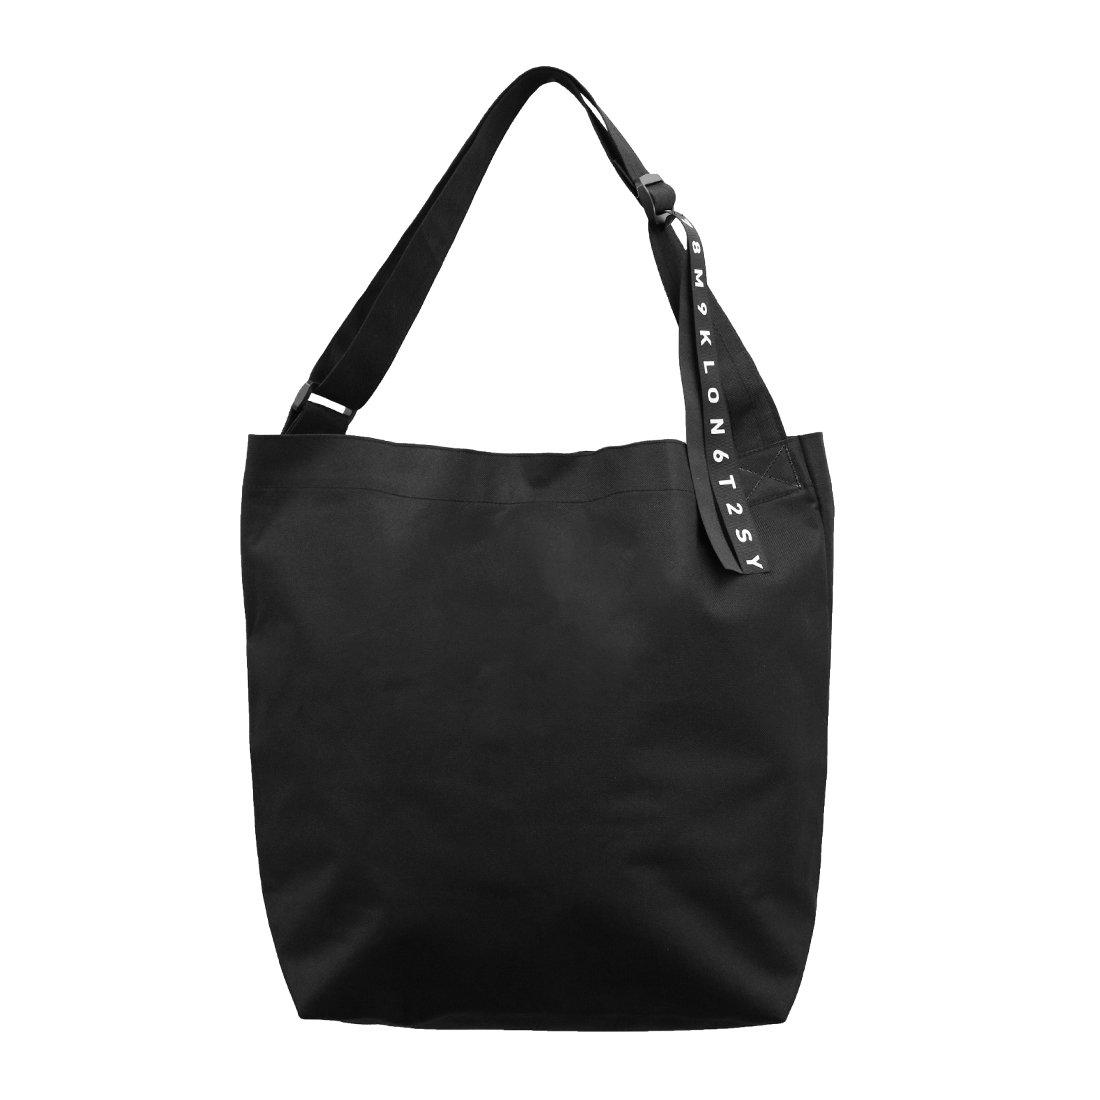 KLON ACTIVE HANG LINE SHOULDER BAG